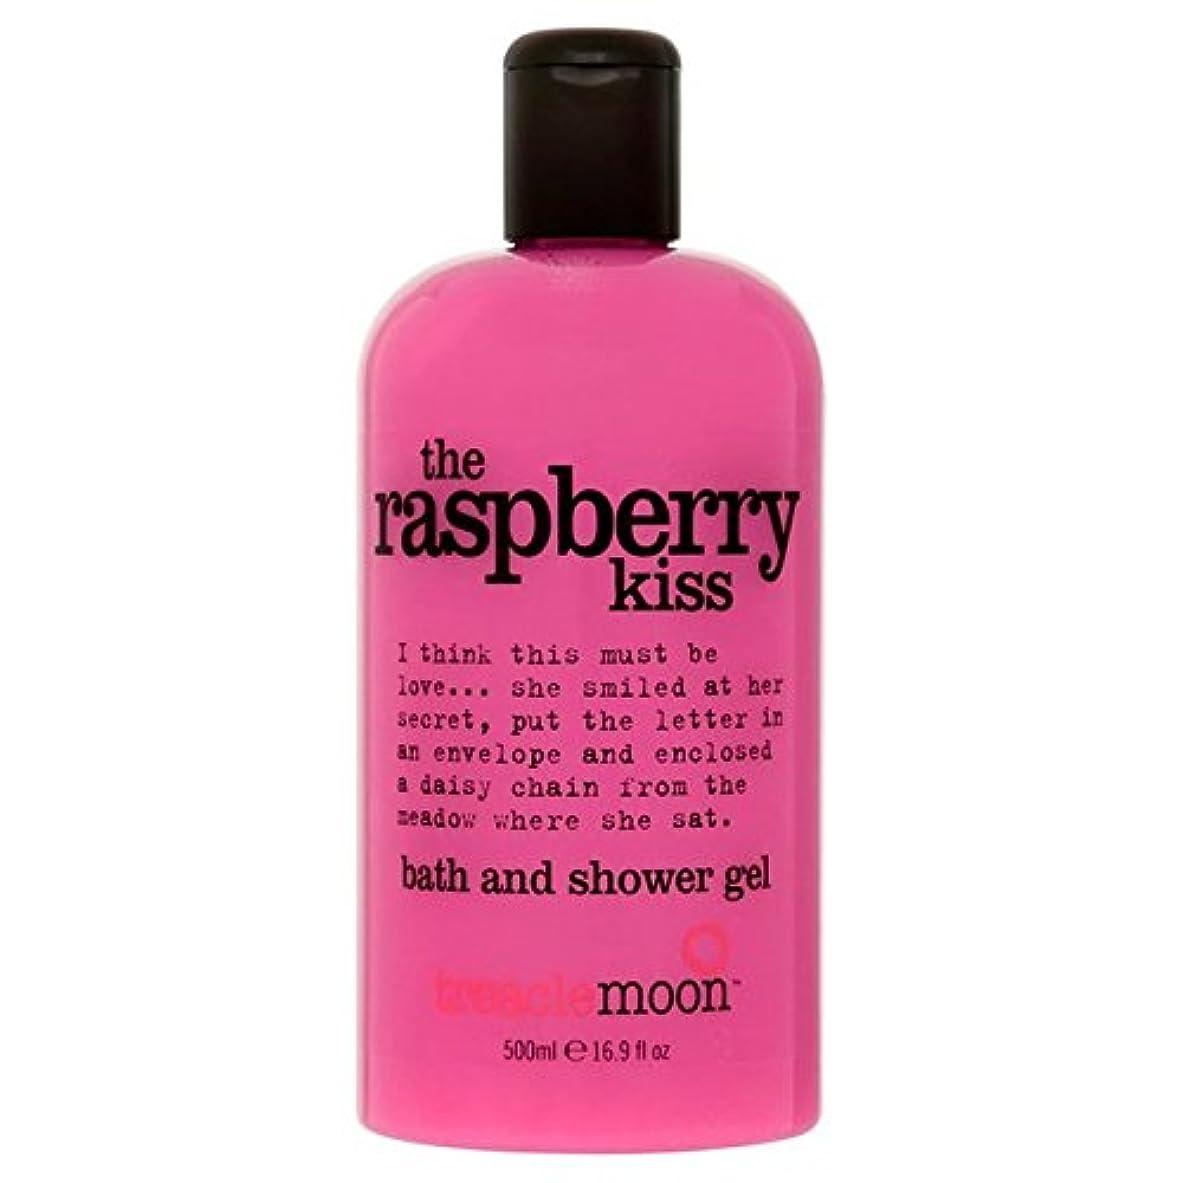 類人猿マザーランド小康Treacle Moon Raspberry Bath & Shower Gel 500ml (Pack of 6) - 糖蜜ムーンラズベリーバス&シャワージェル500ミリリットル x6 [並行輸入品]